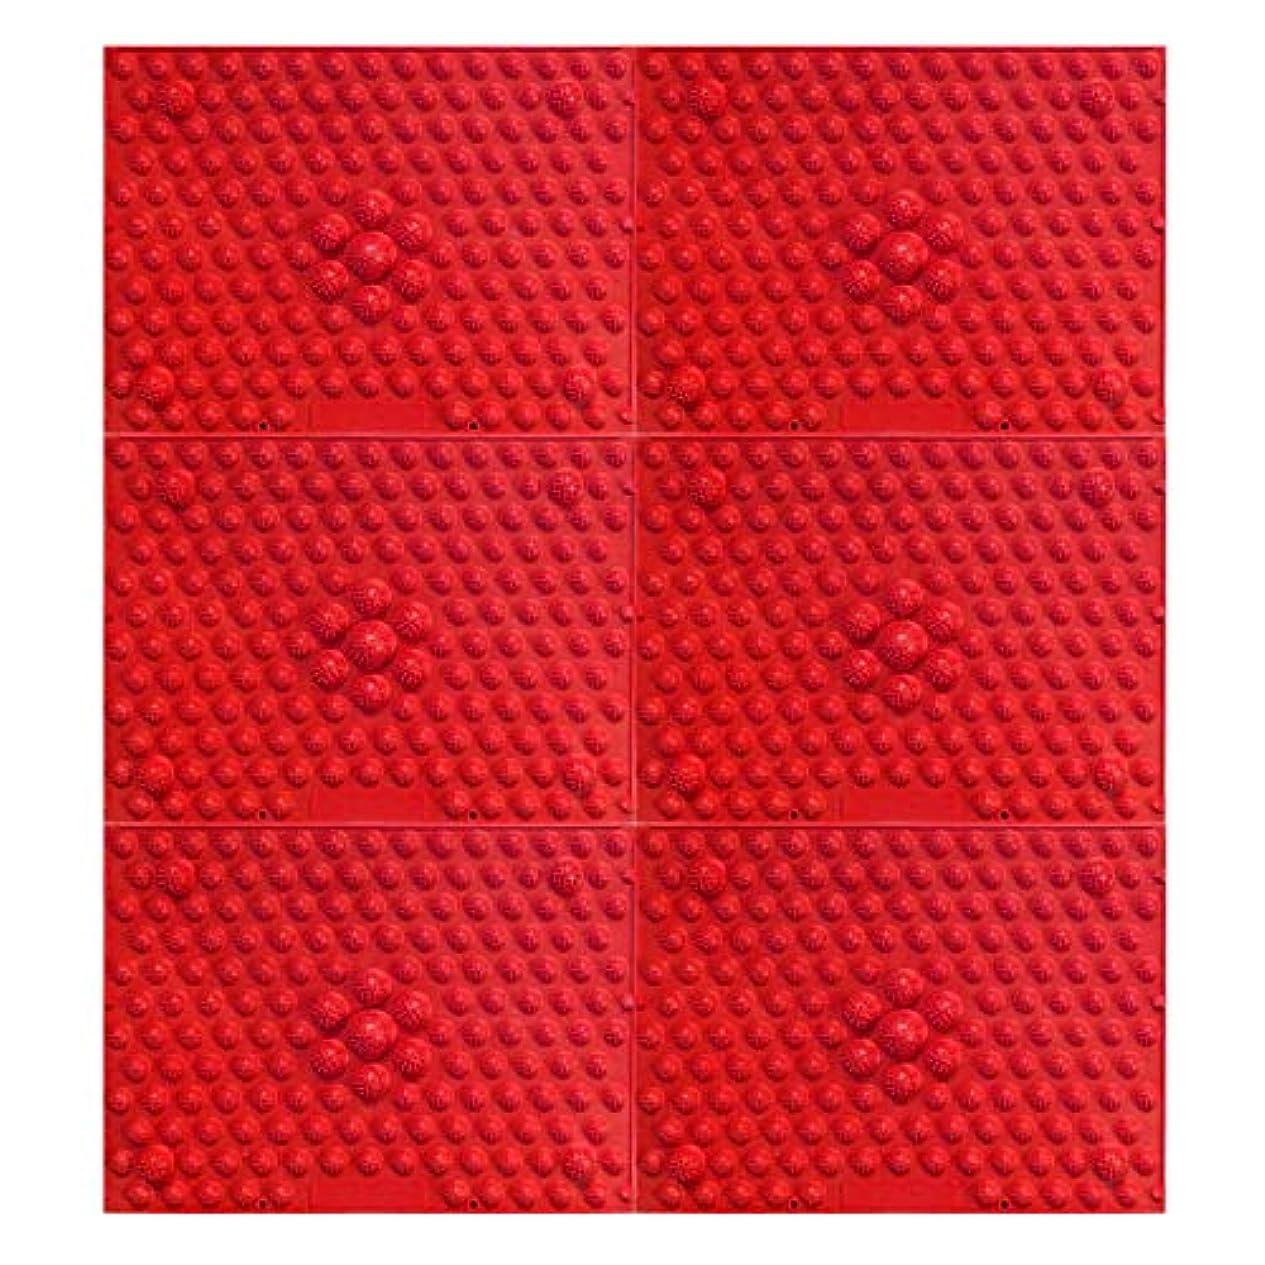 不幸援助する牛肉疲れsirazu(足踏みマット)ピンク6枚セット (赤)